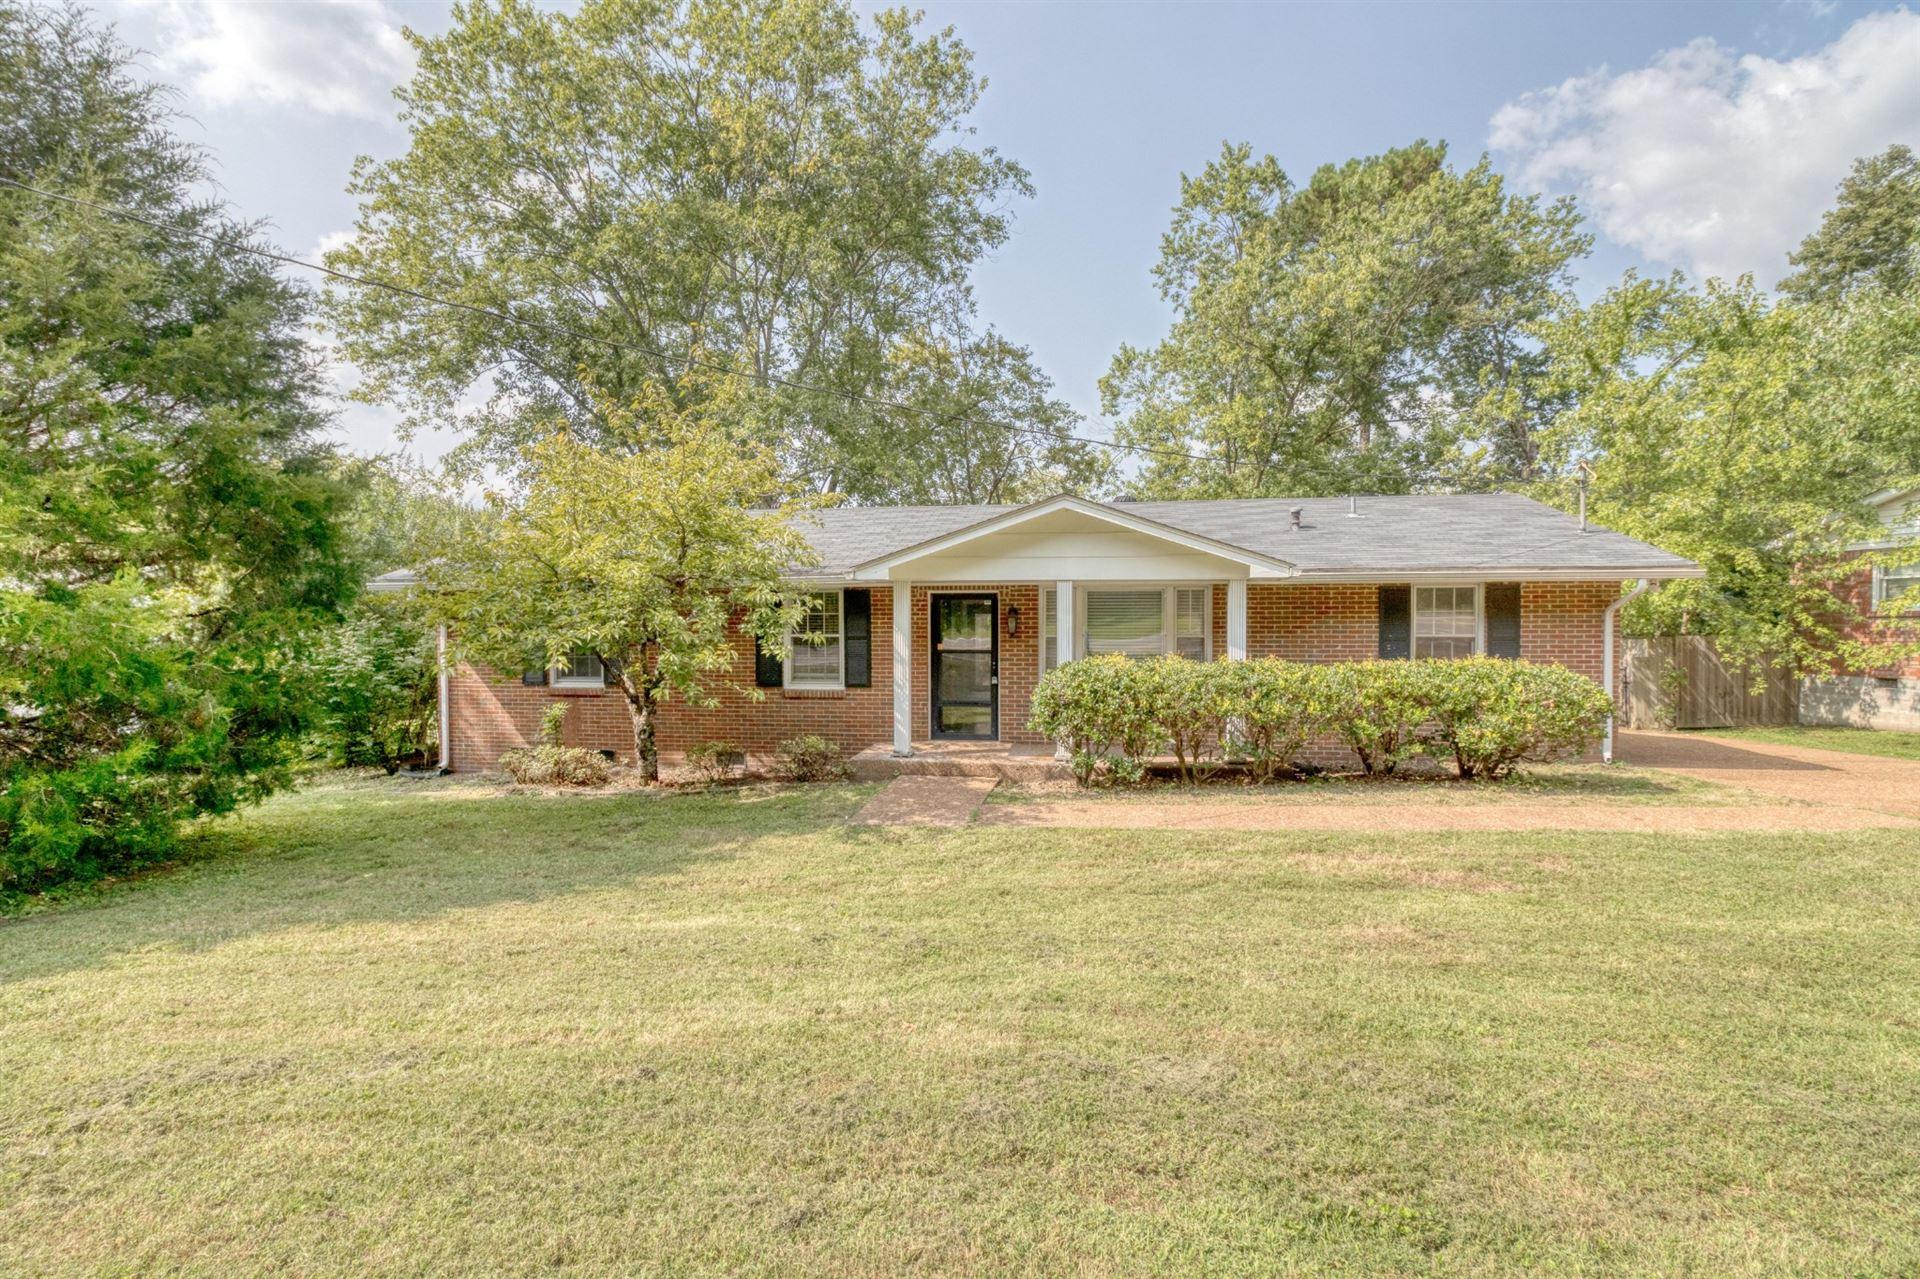 7989 Sawyer Brown Rd, Nashville, TN 37221 - MLS#: 2190781